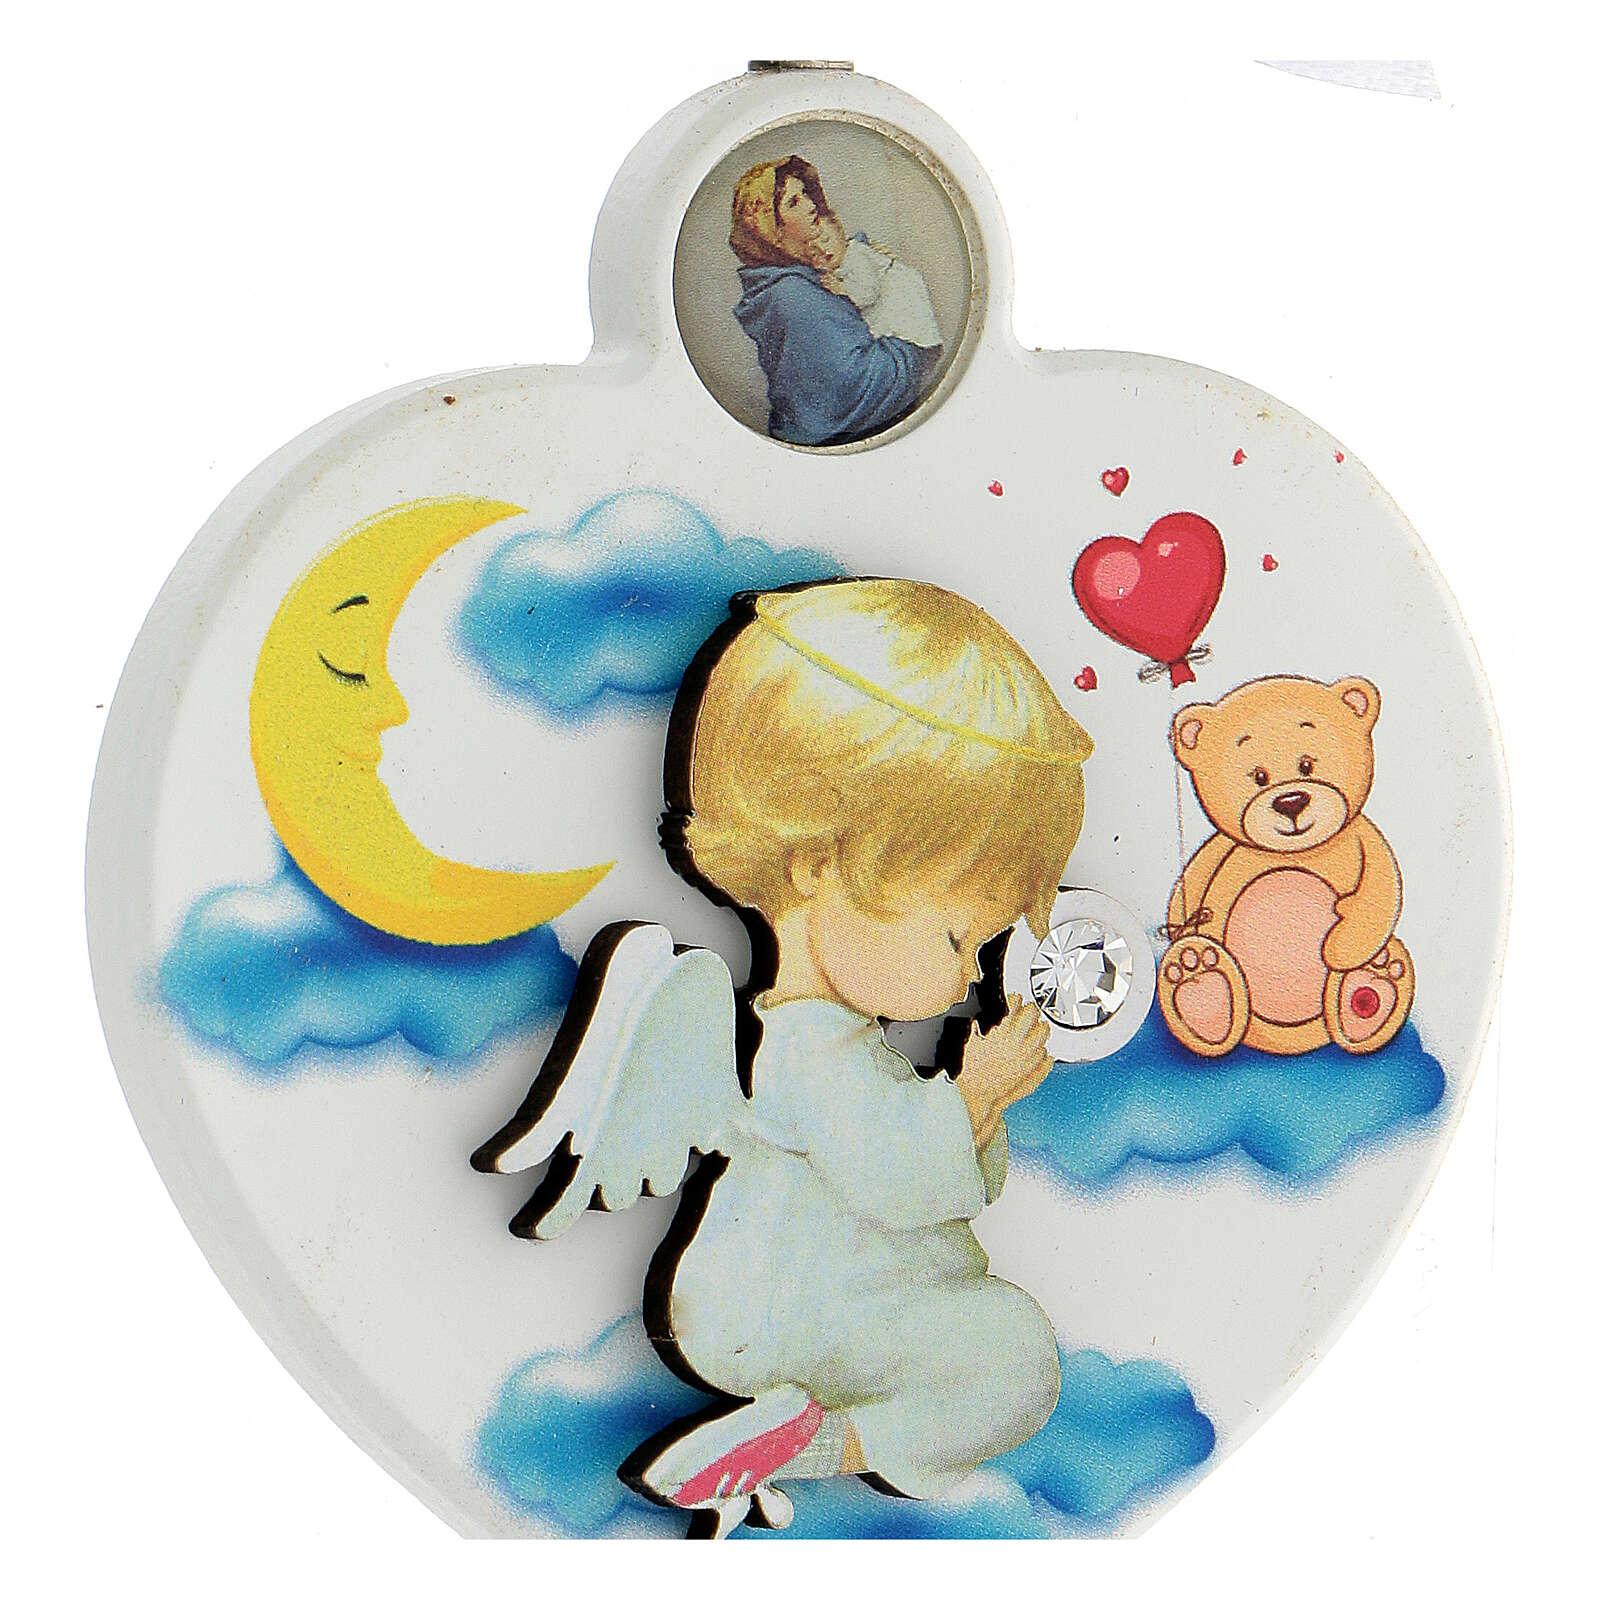 Sopraculla cuore bianco angelo in preghiera 4